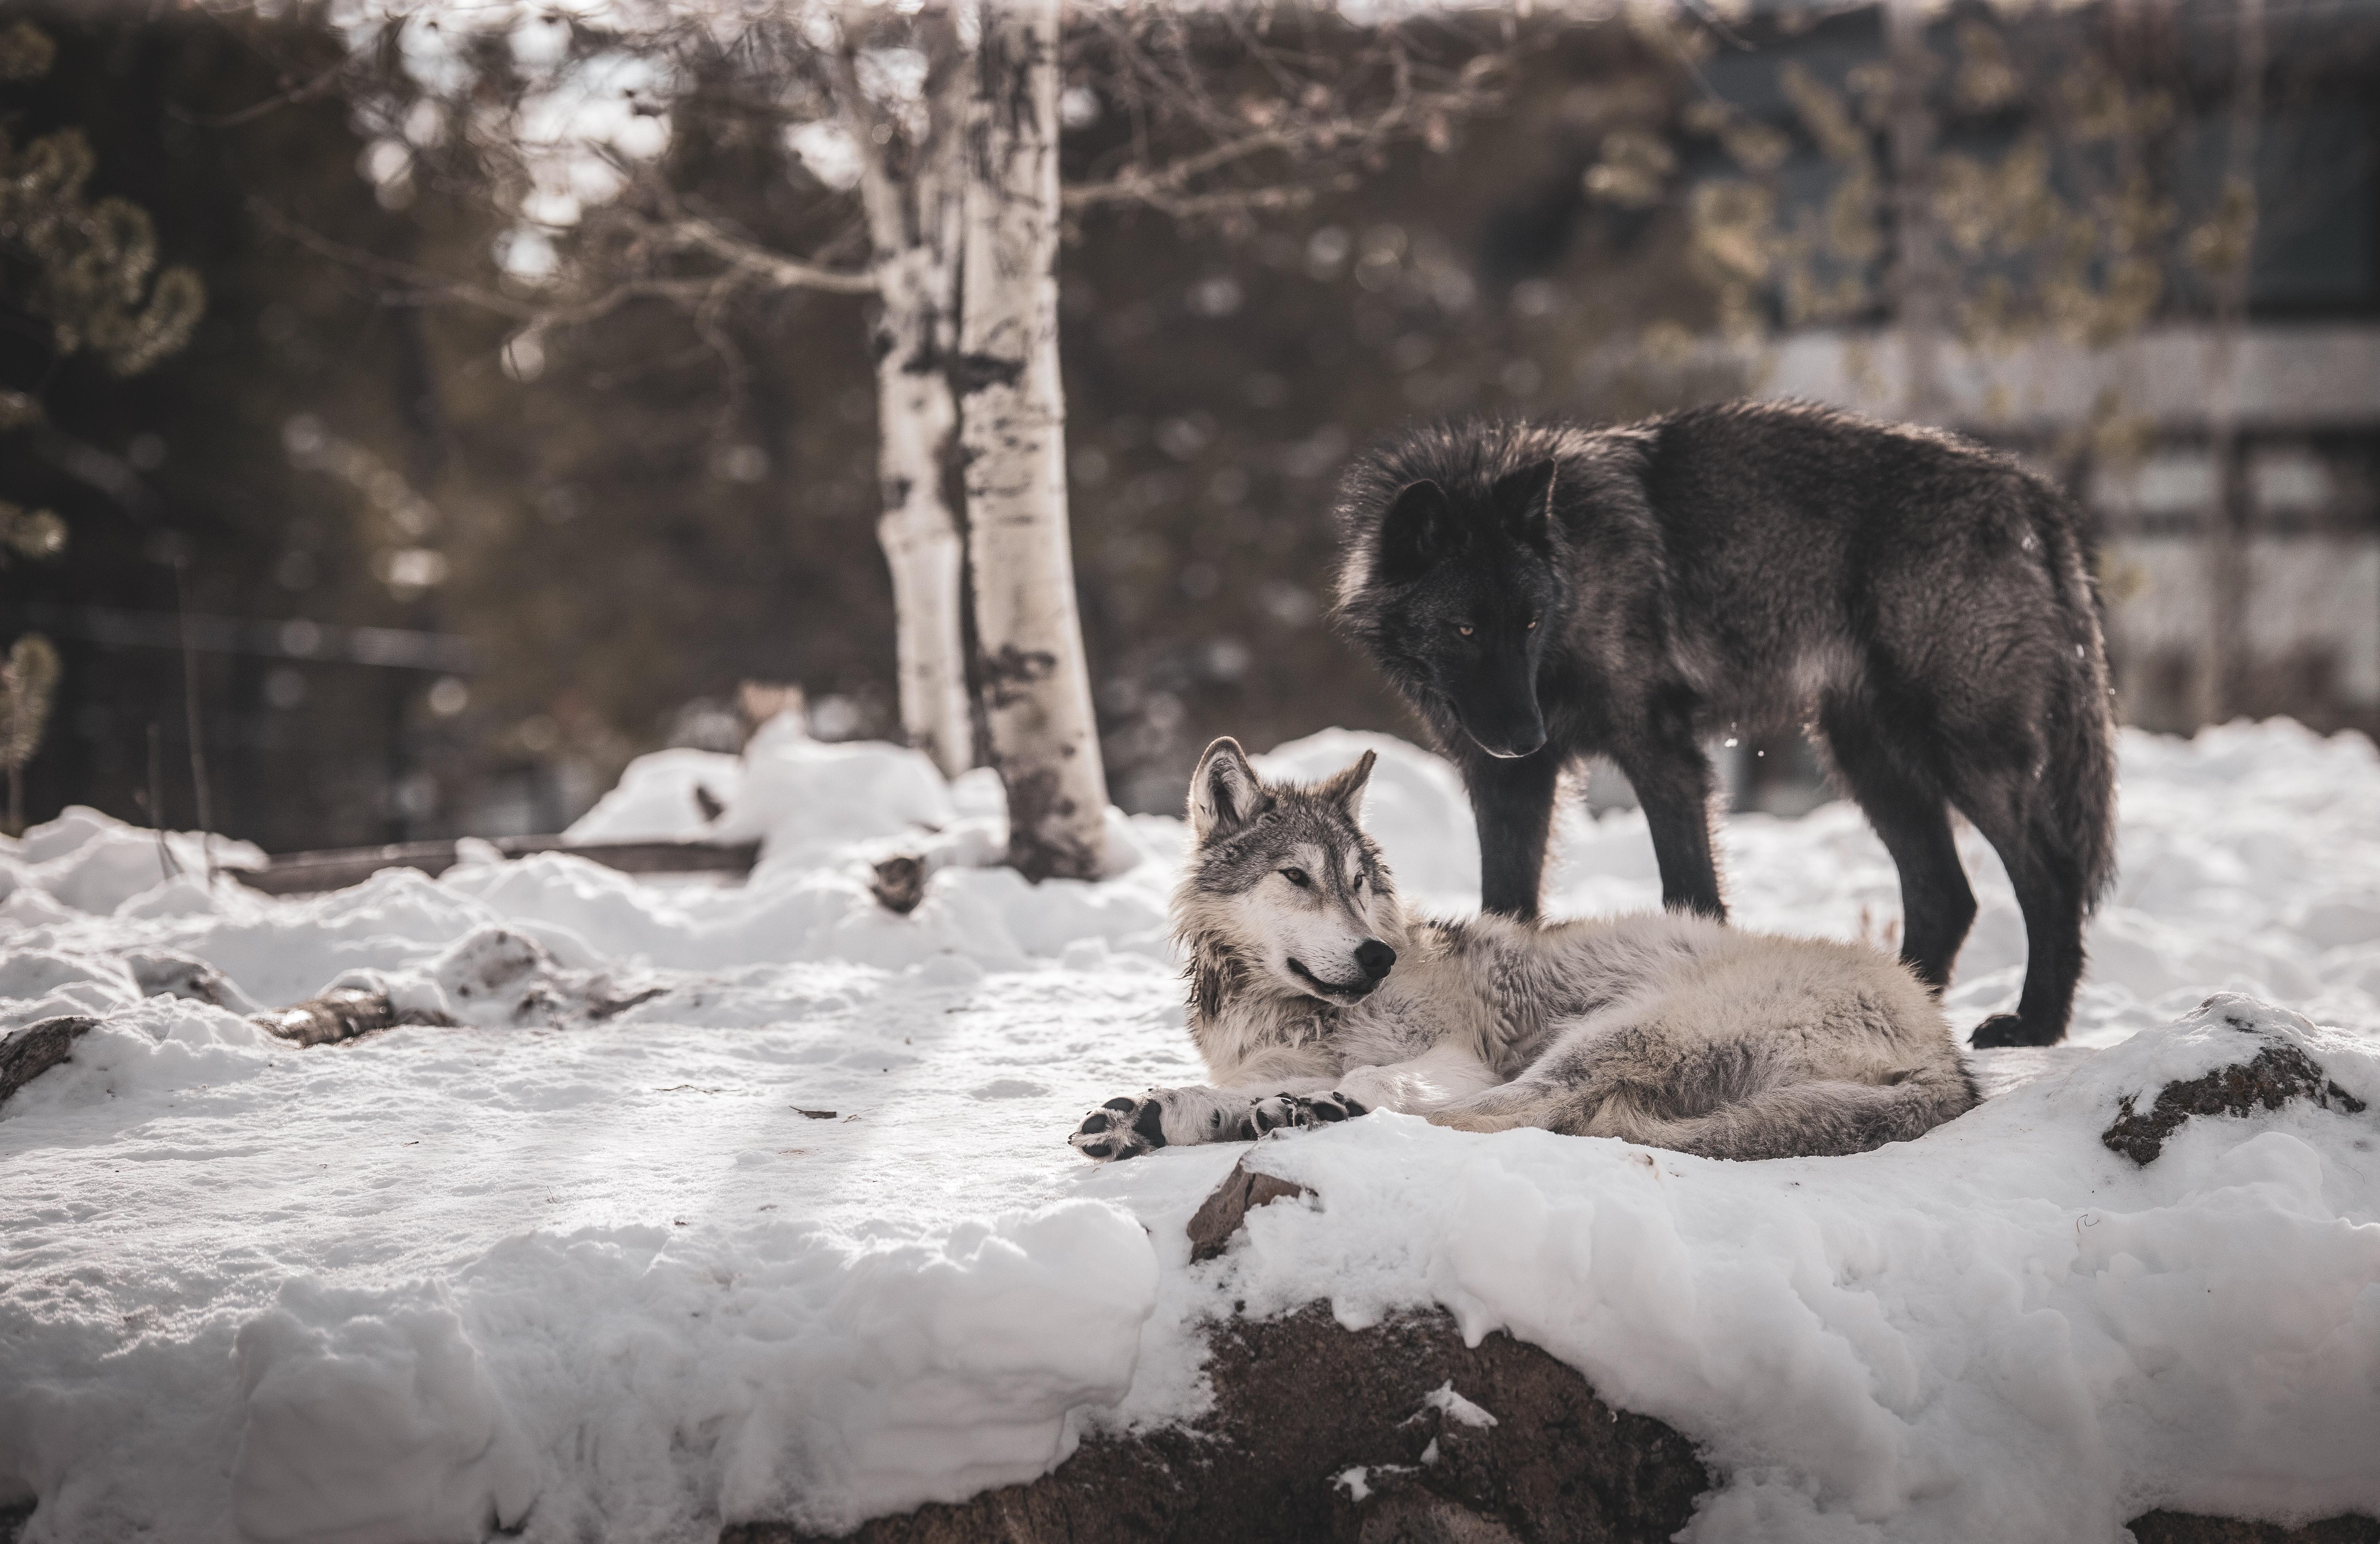 62513 Hintergrundbild herunterladen Wölfe, Tiere, Schnee, Freundschaft, Raubtiere - Bildschirmschoner und Bilder kostenlos